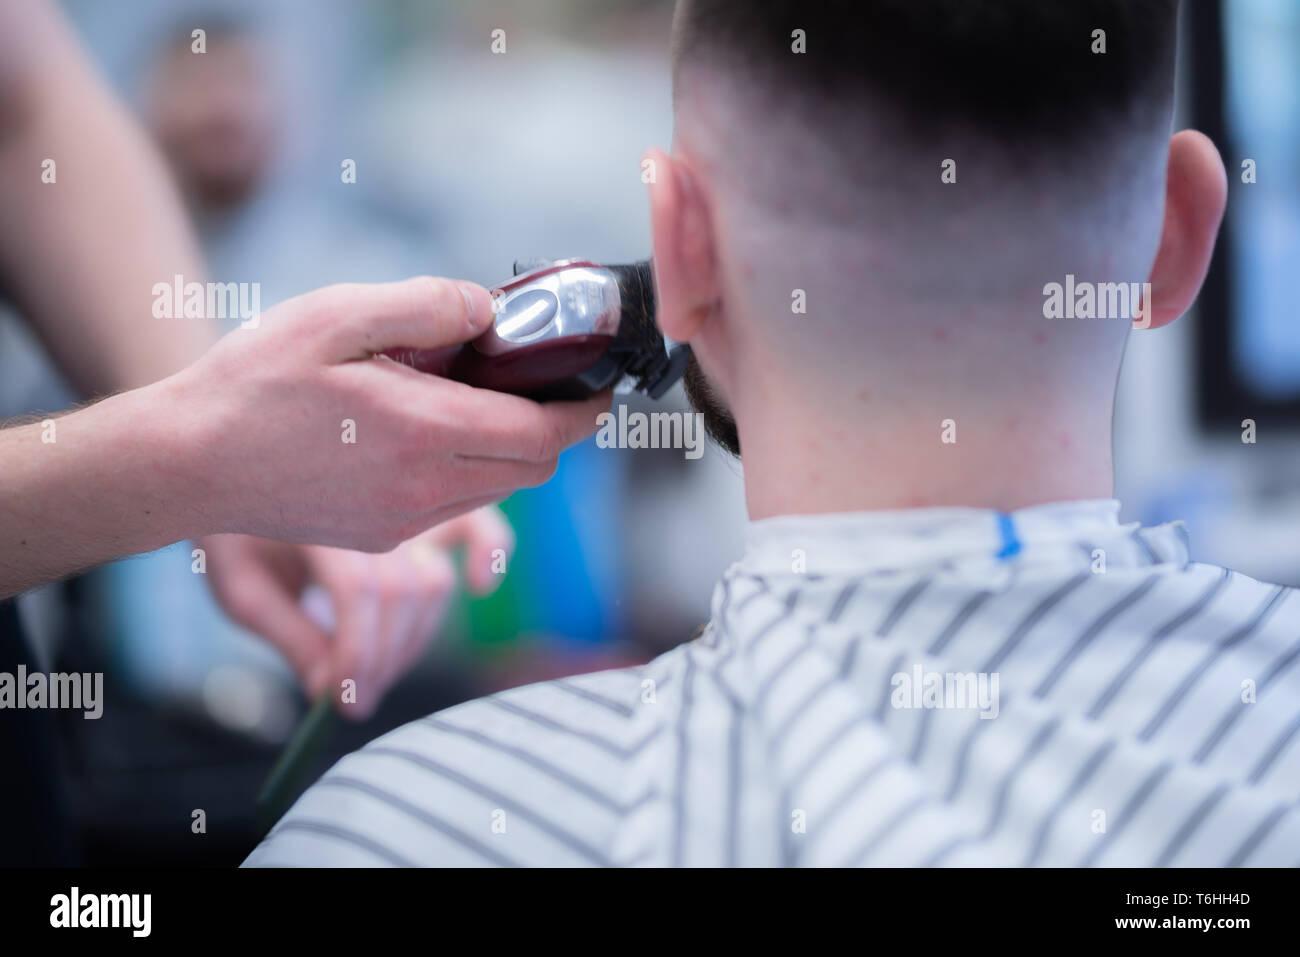 Hombre de corte de pelo en la peluquería. Afeitar una peligrosa de afeitar. Foto de stock